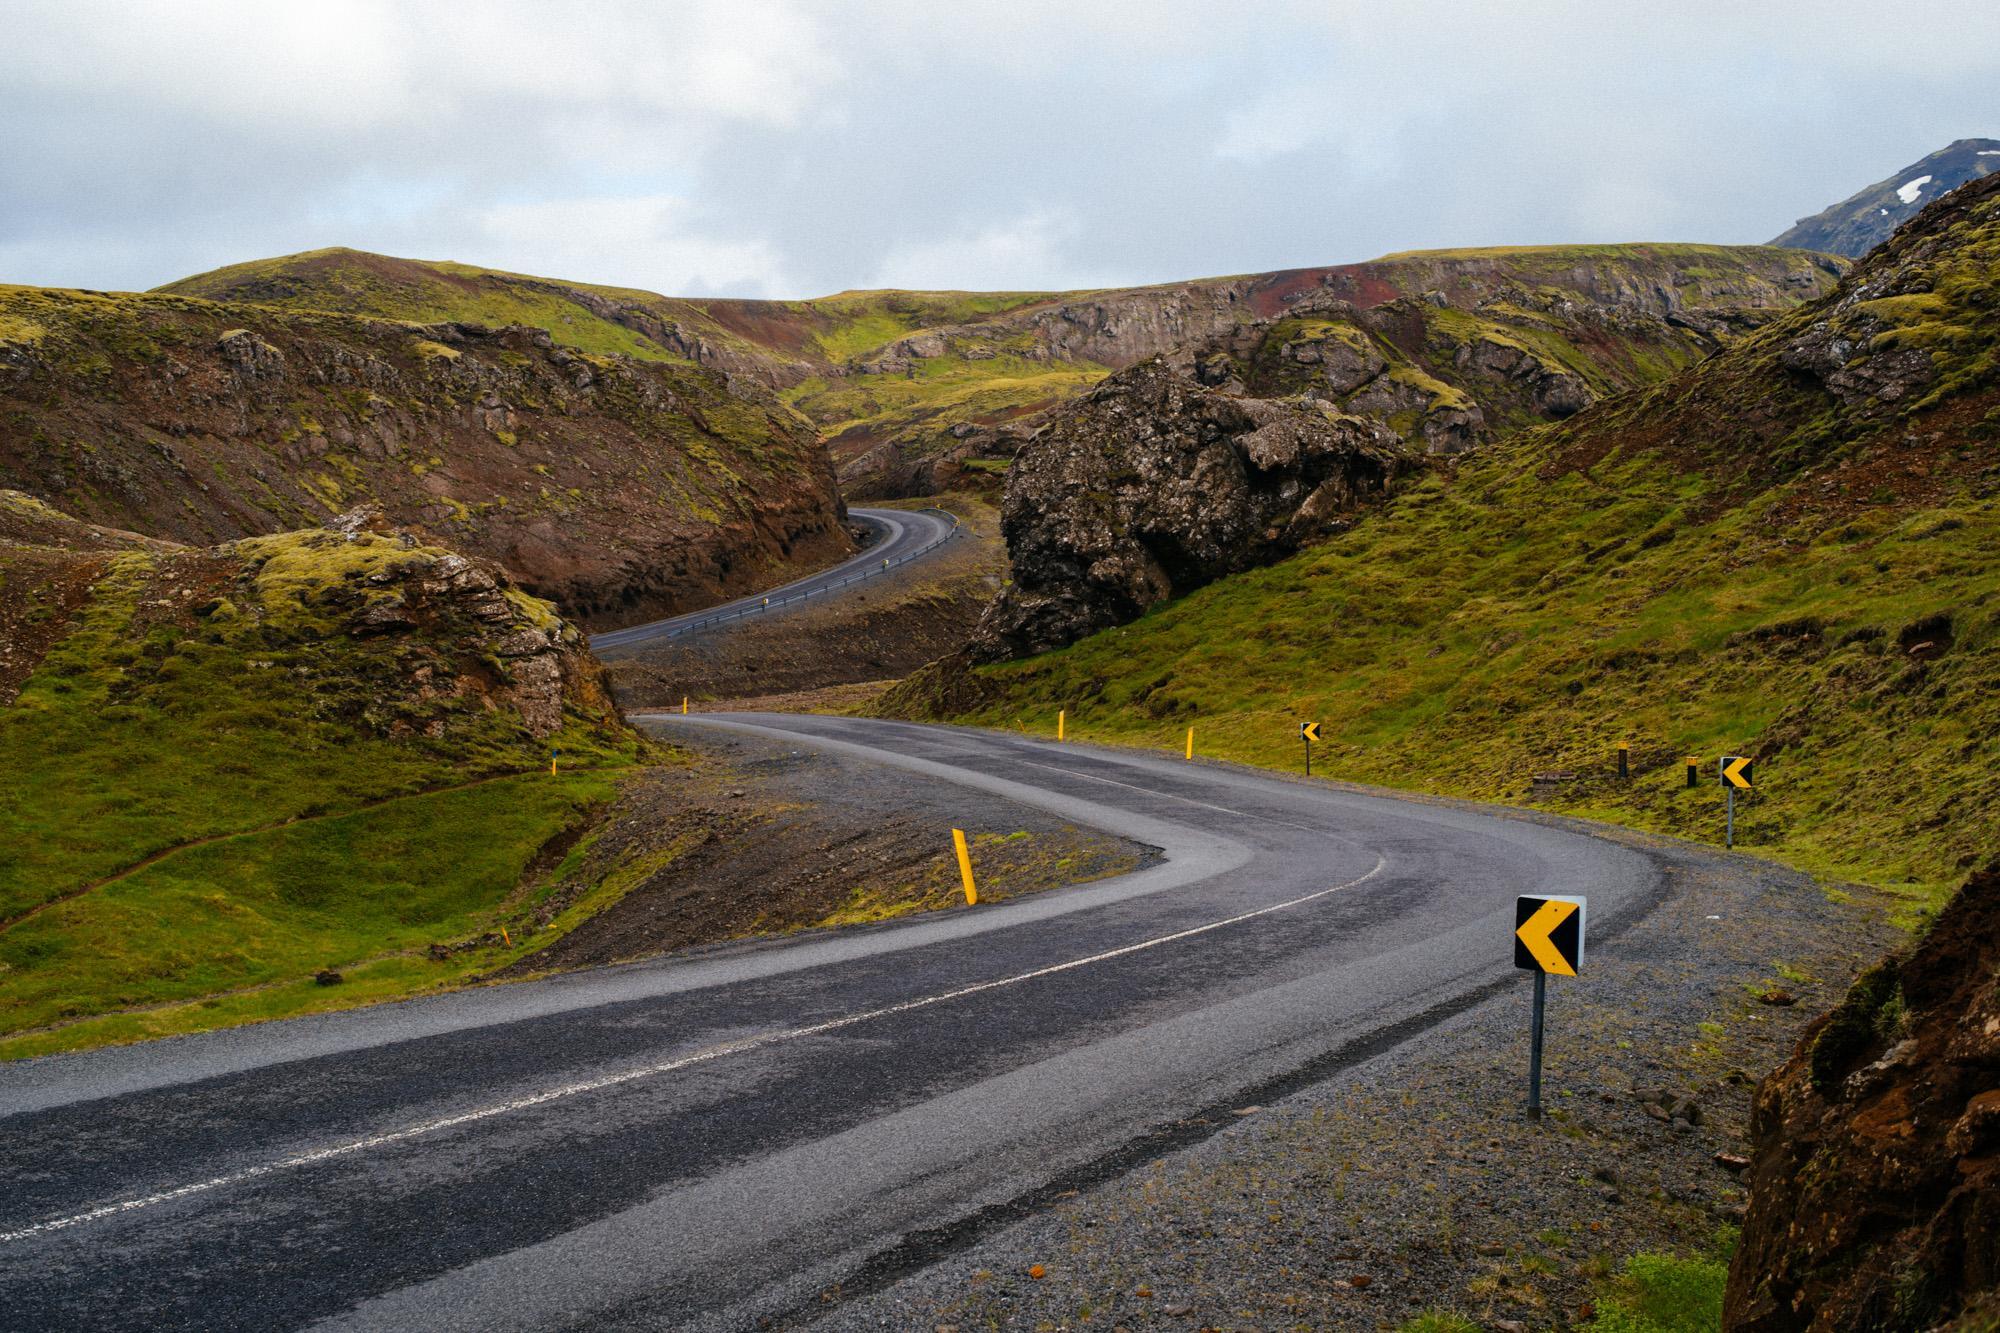 Nesjavallavegur highway